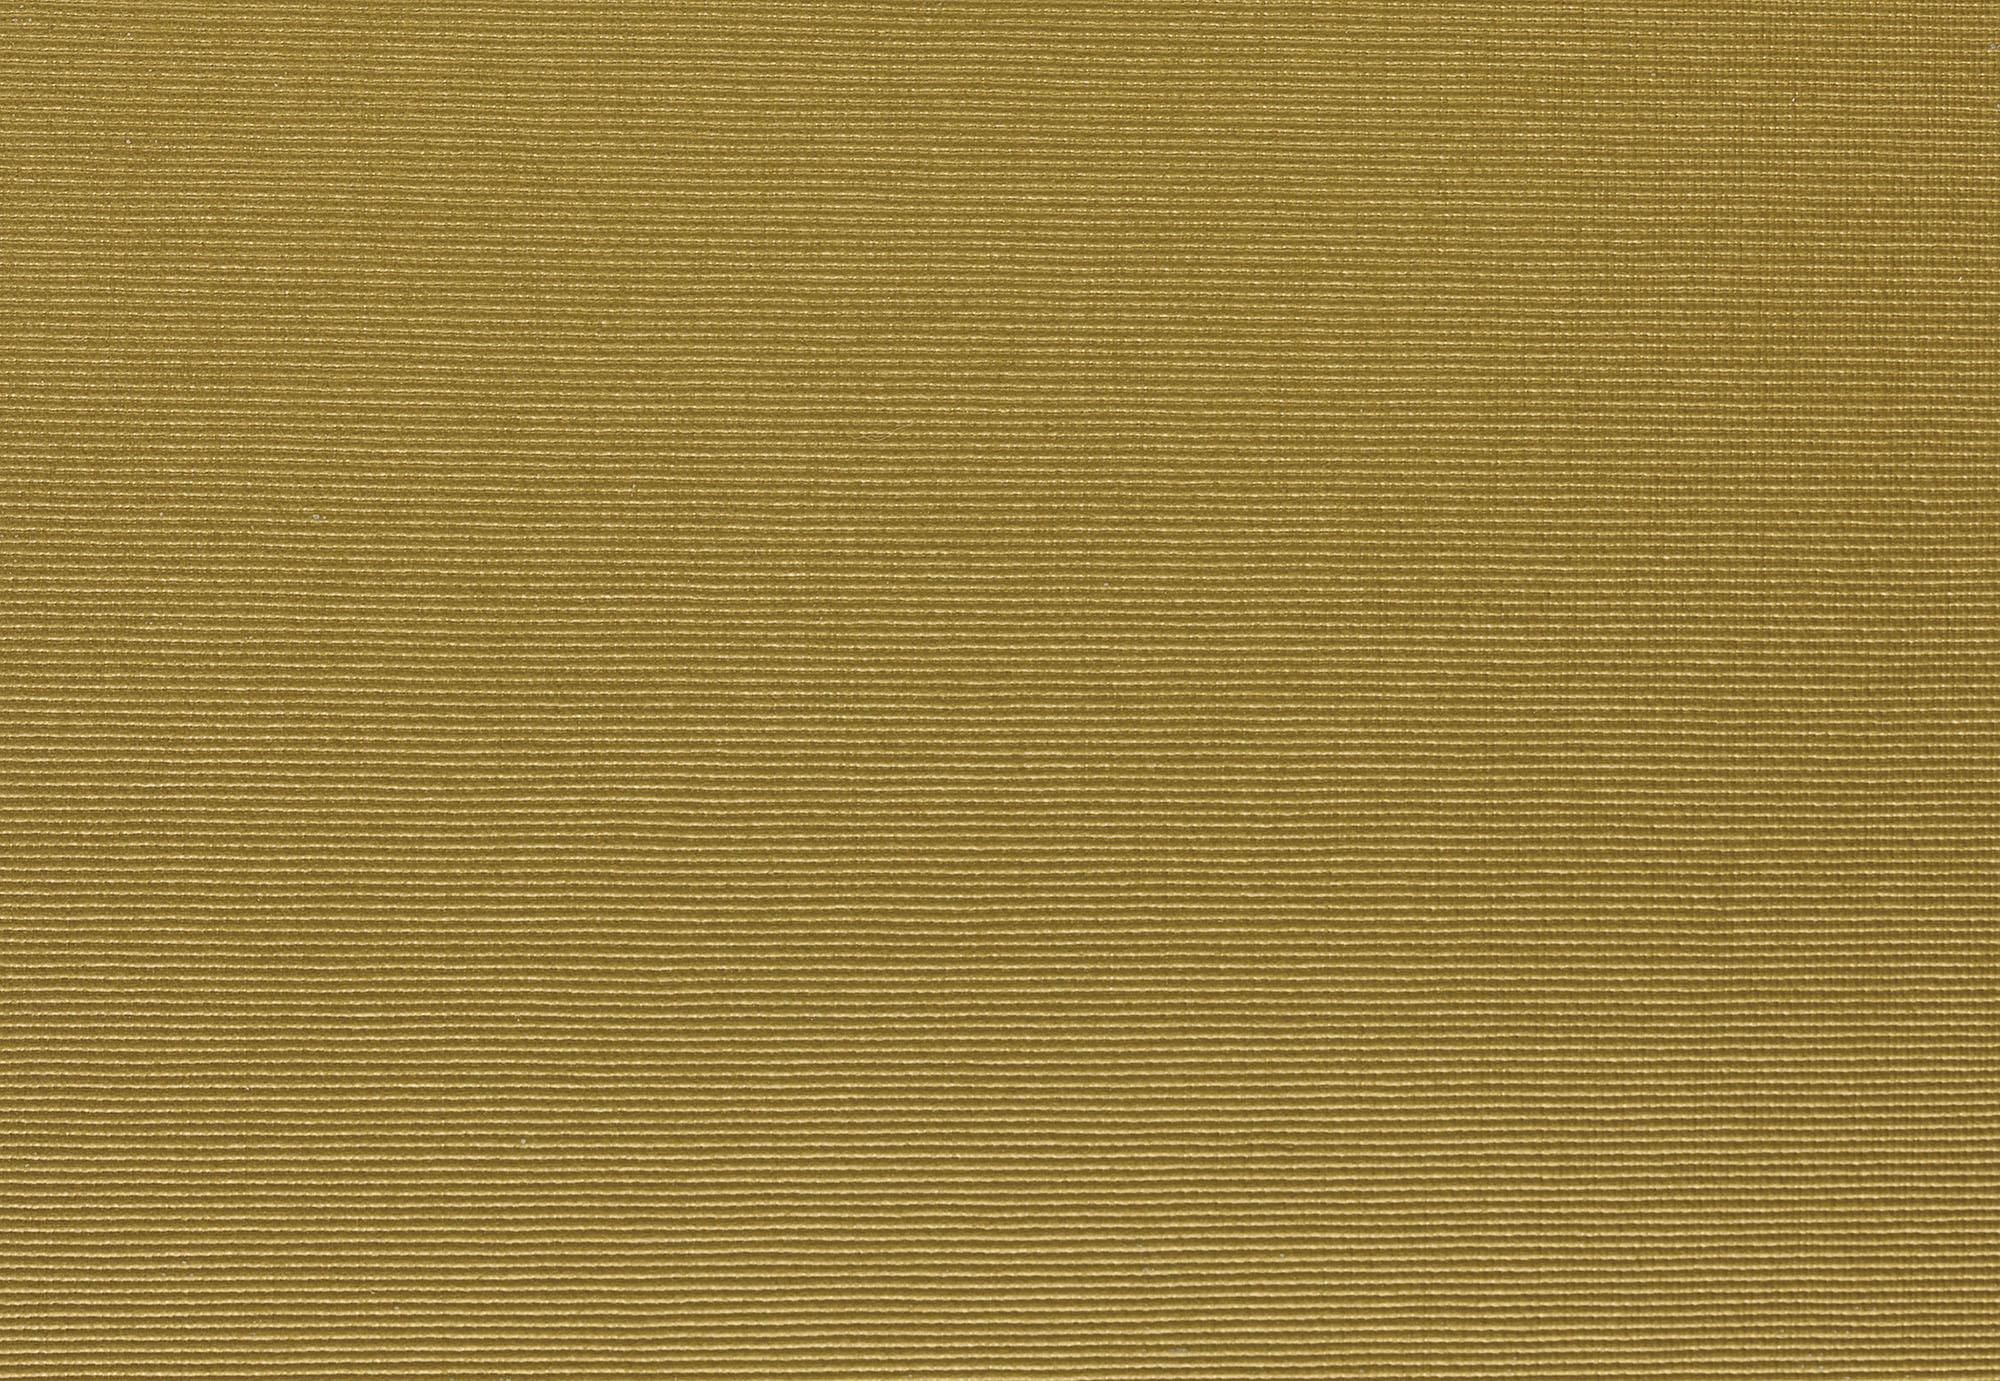 M6435 Woven Brass